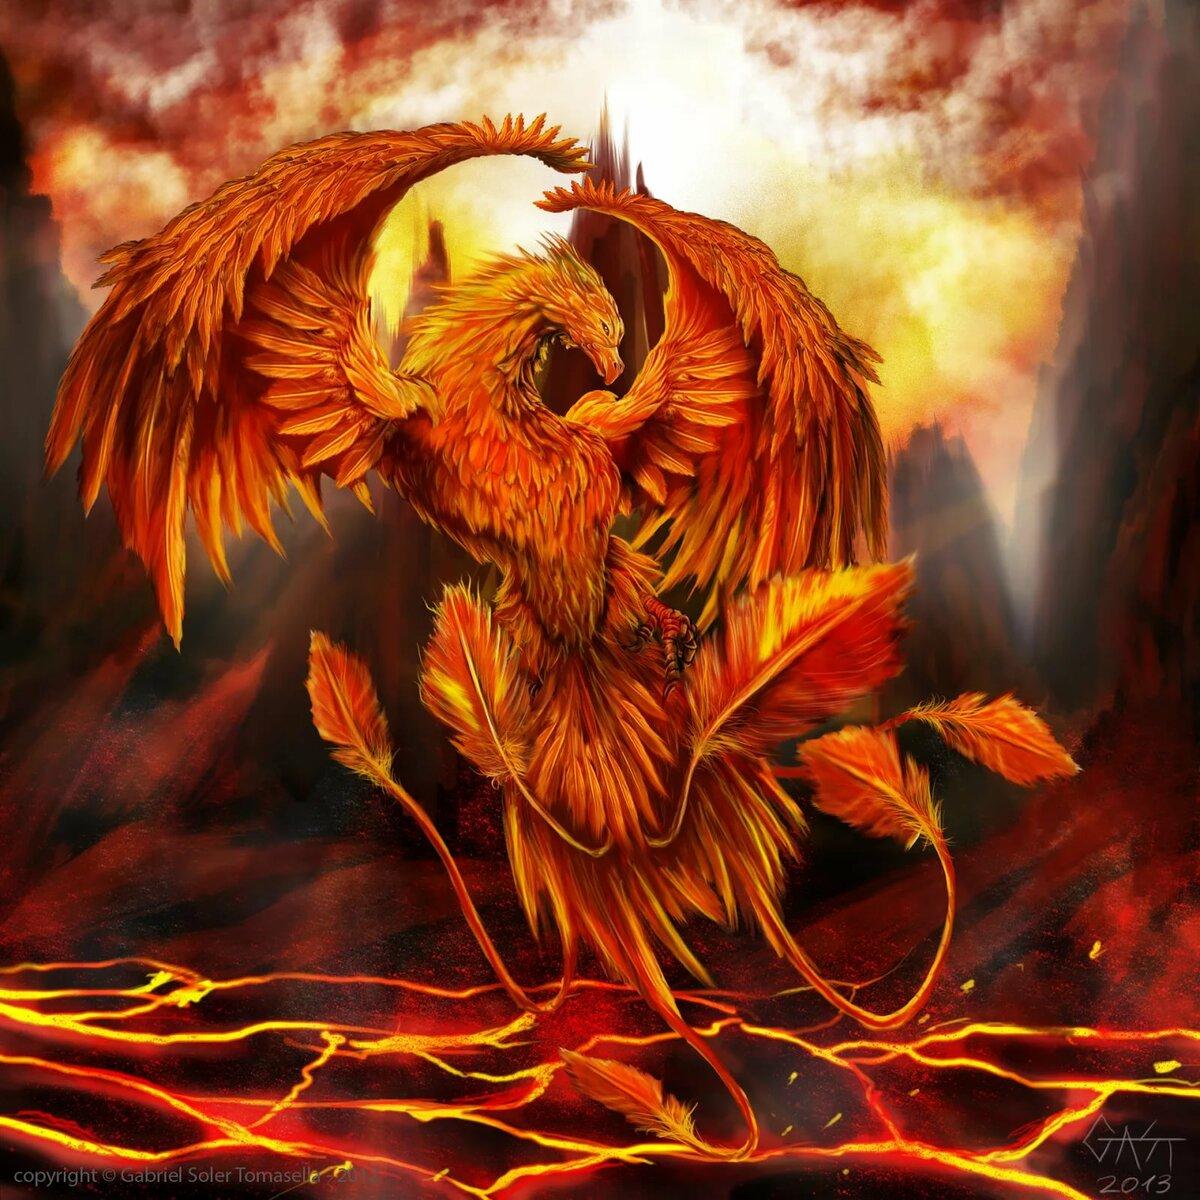 птица феникс восставшая из пепла картинки красивые худших